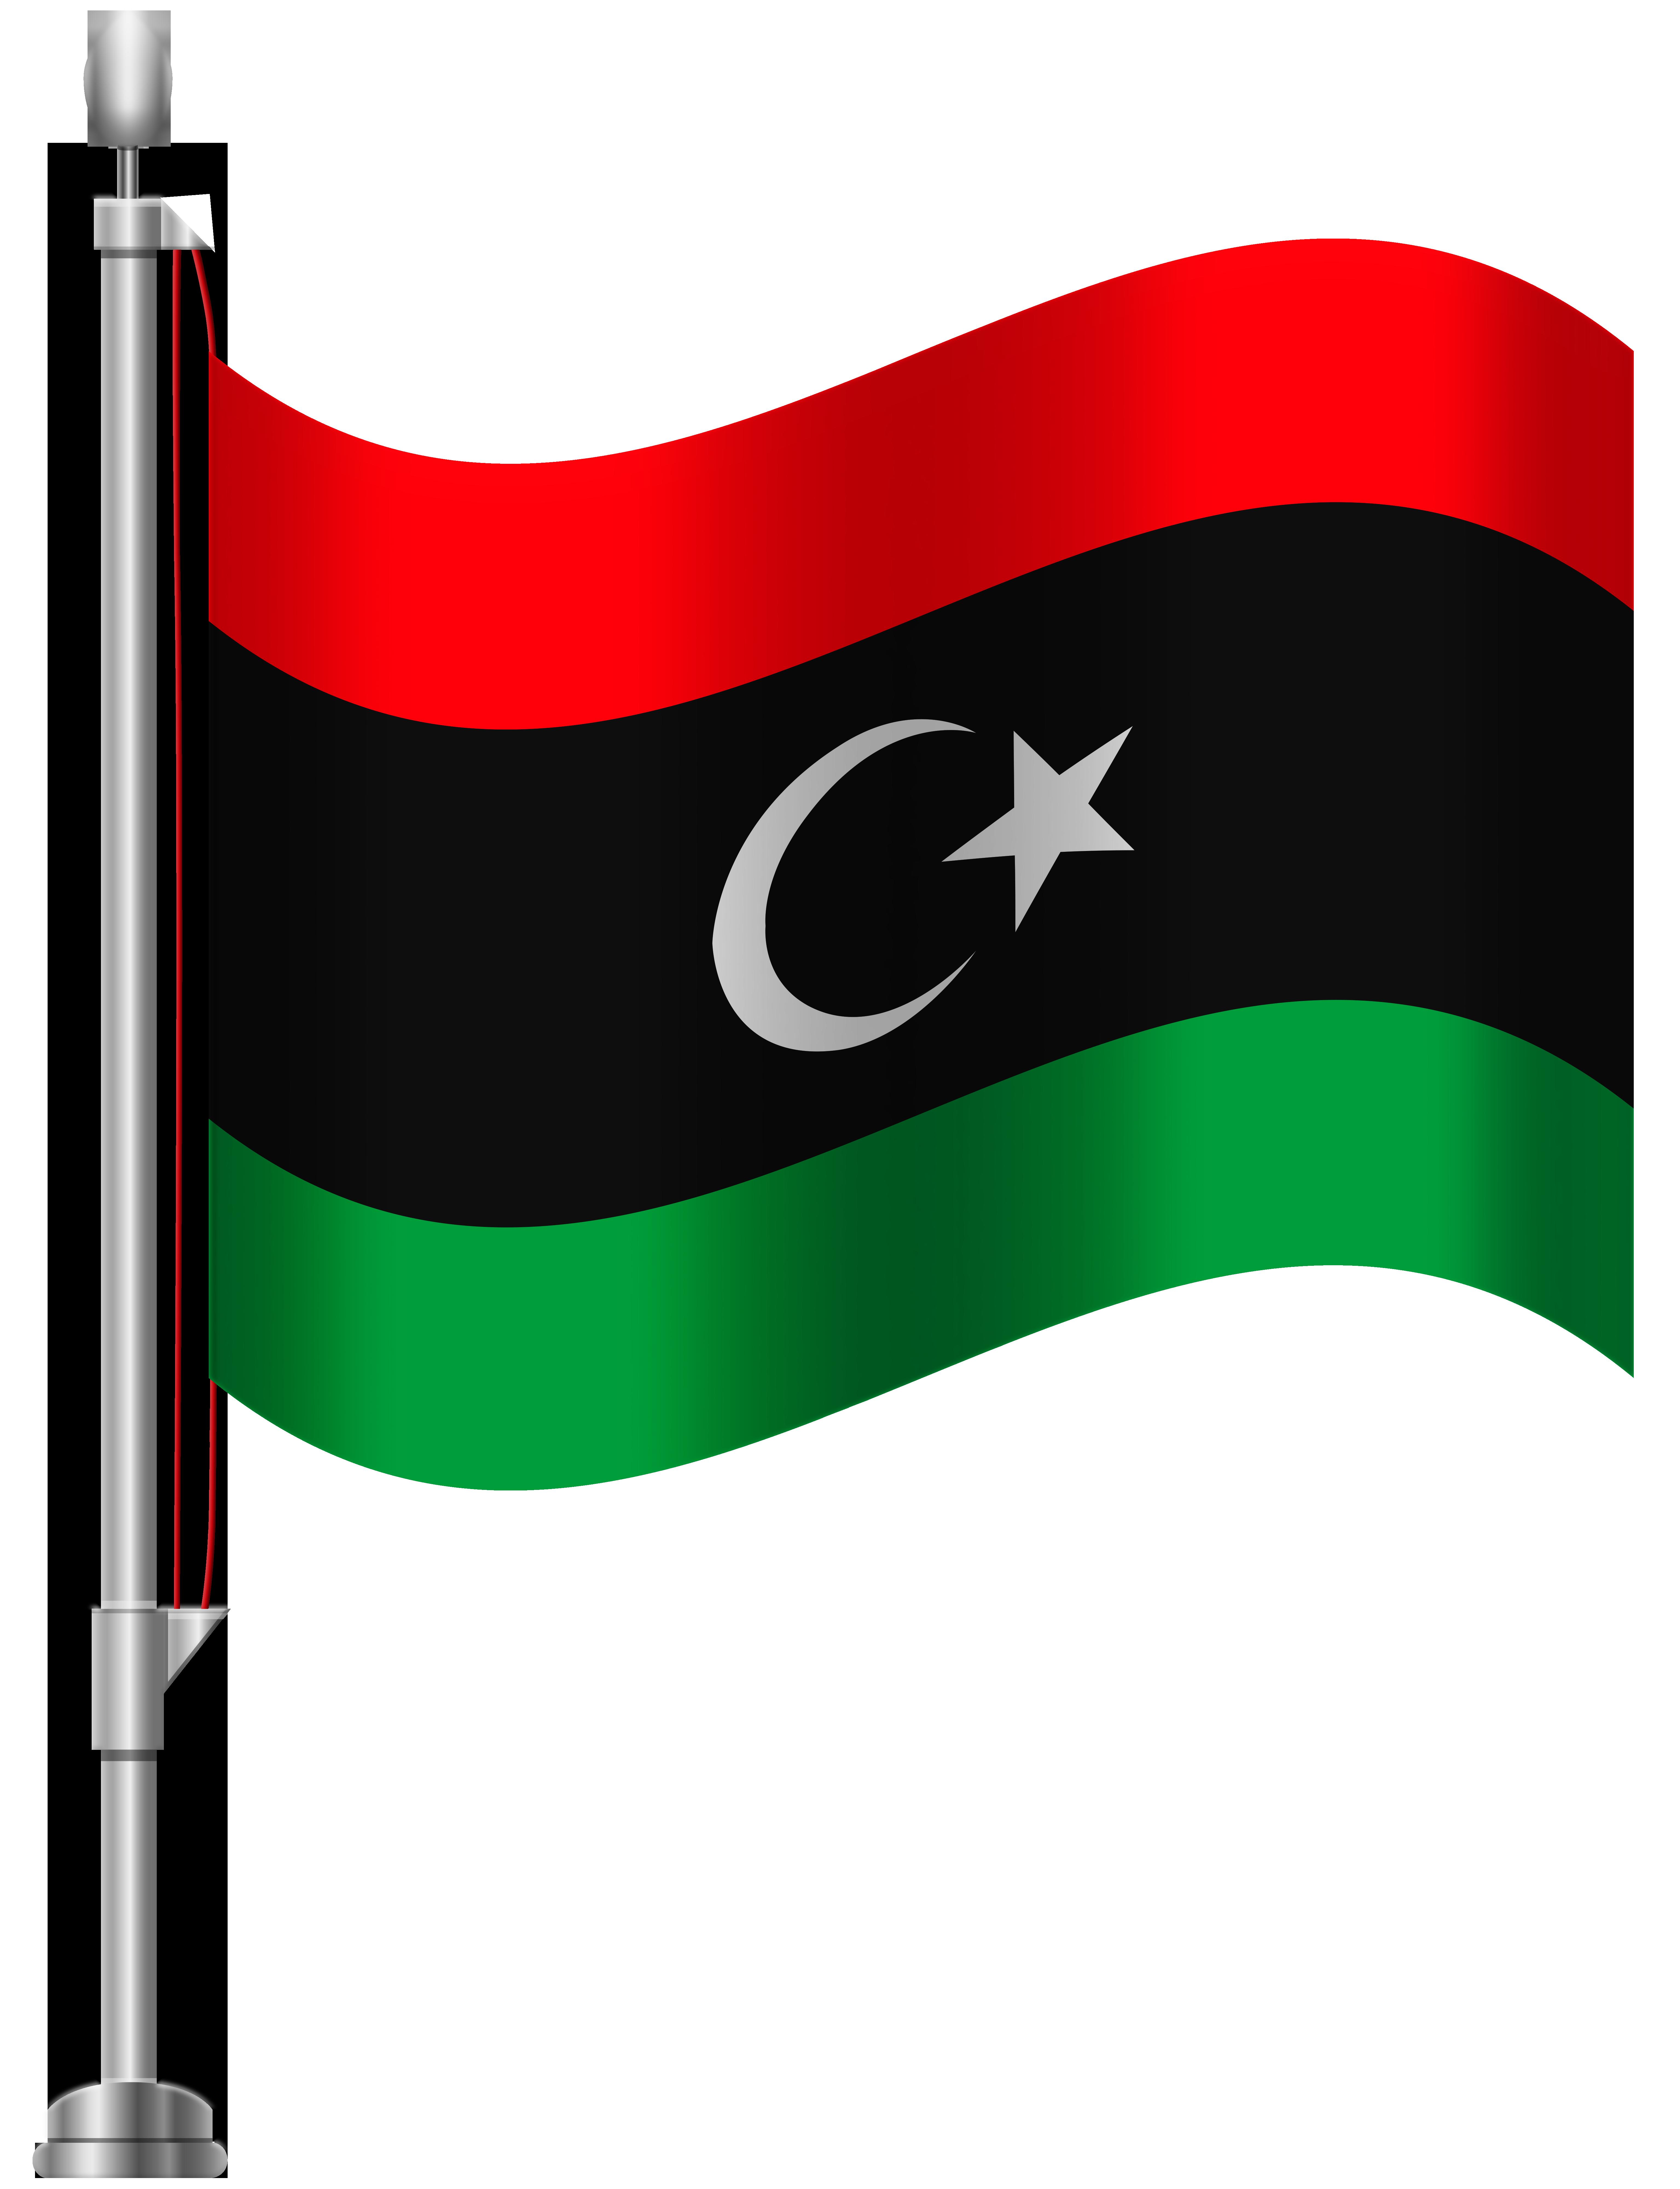 6141x8000 Libya Flag Png Clip Art